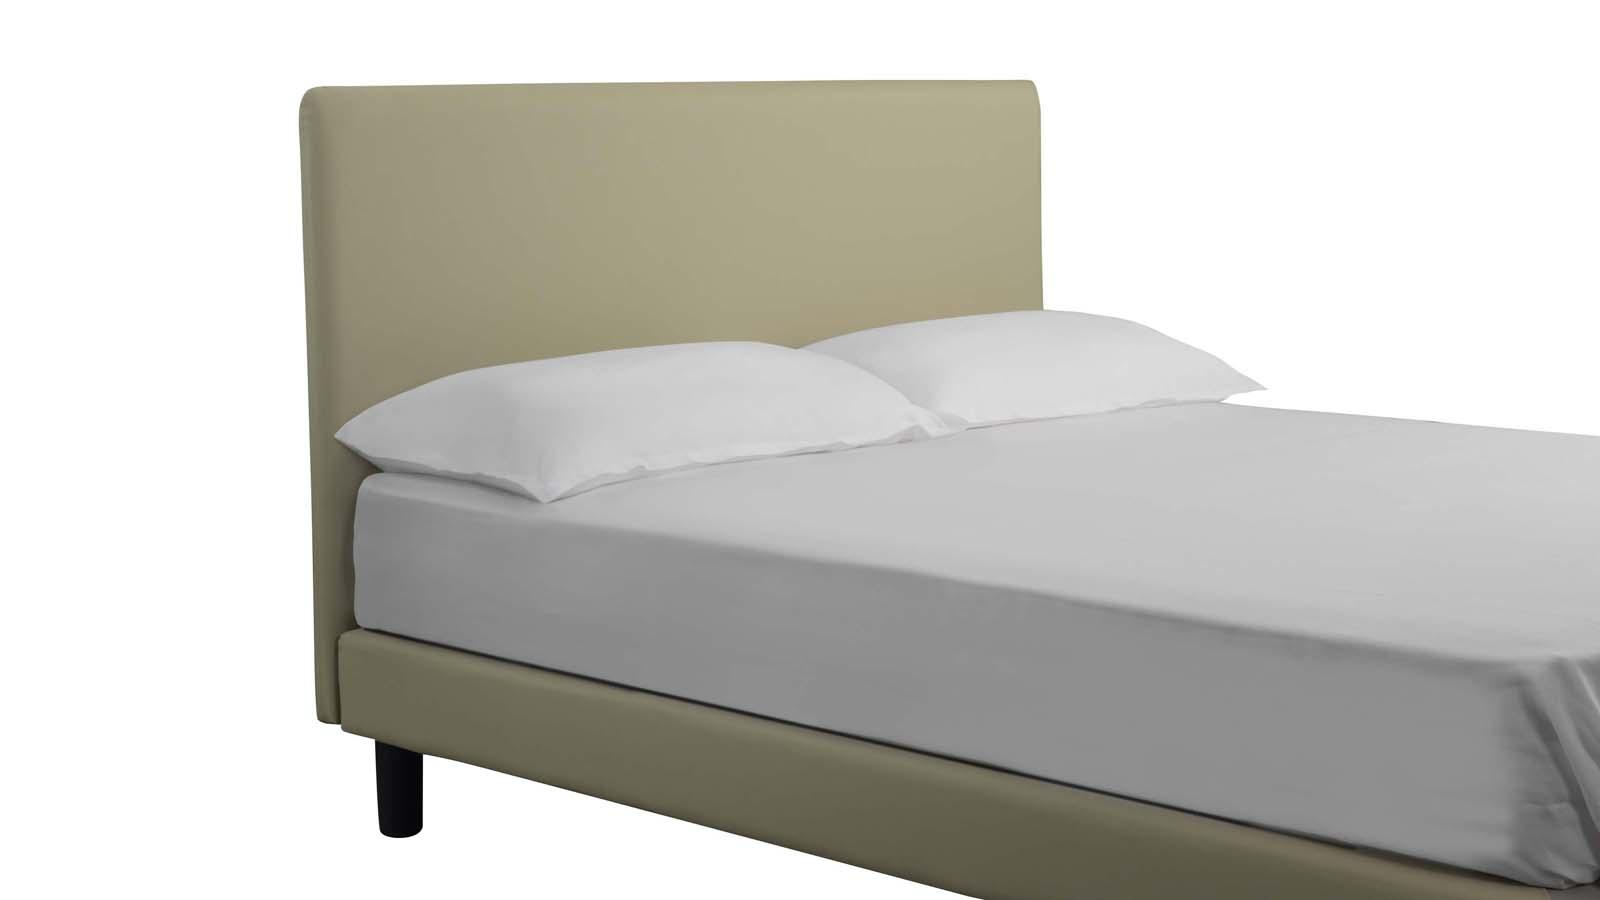 tete de lit gem pour les h tels dorelan hotel. Black Bedroom Furniture Sets. Home Design Ideas